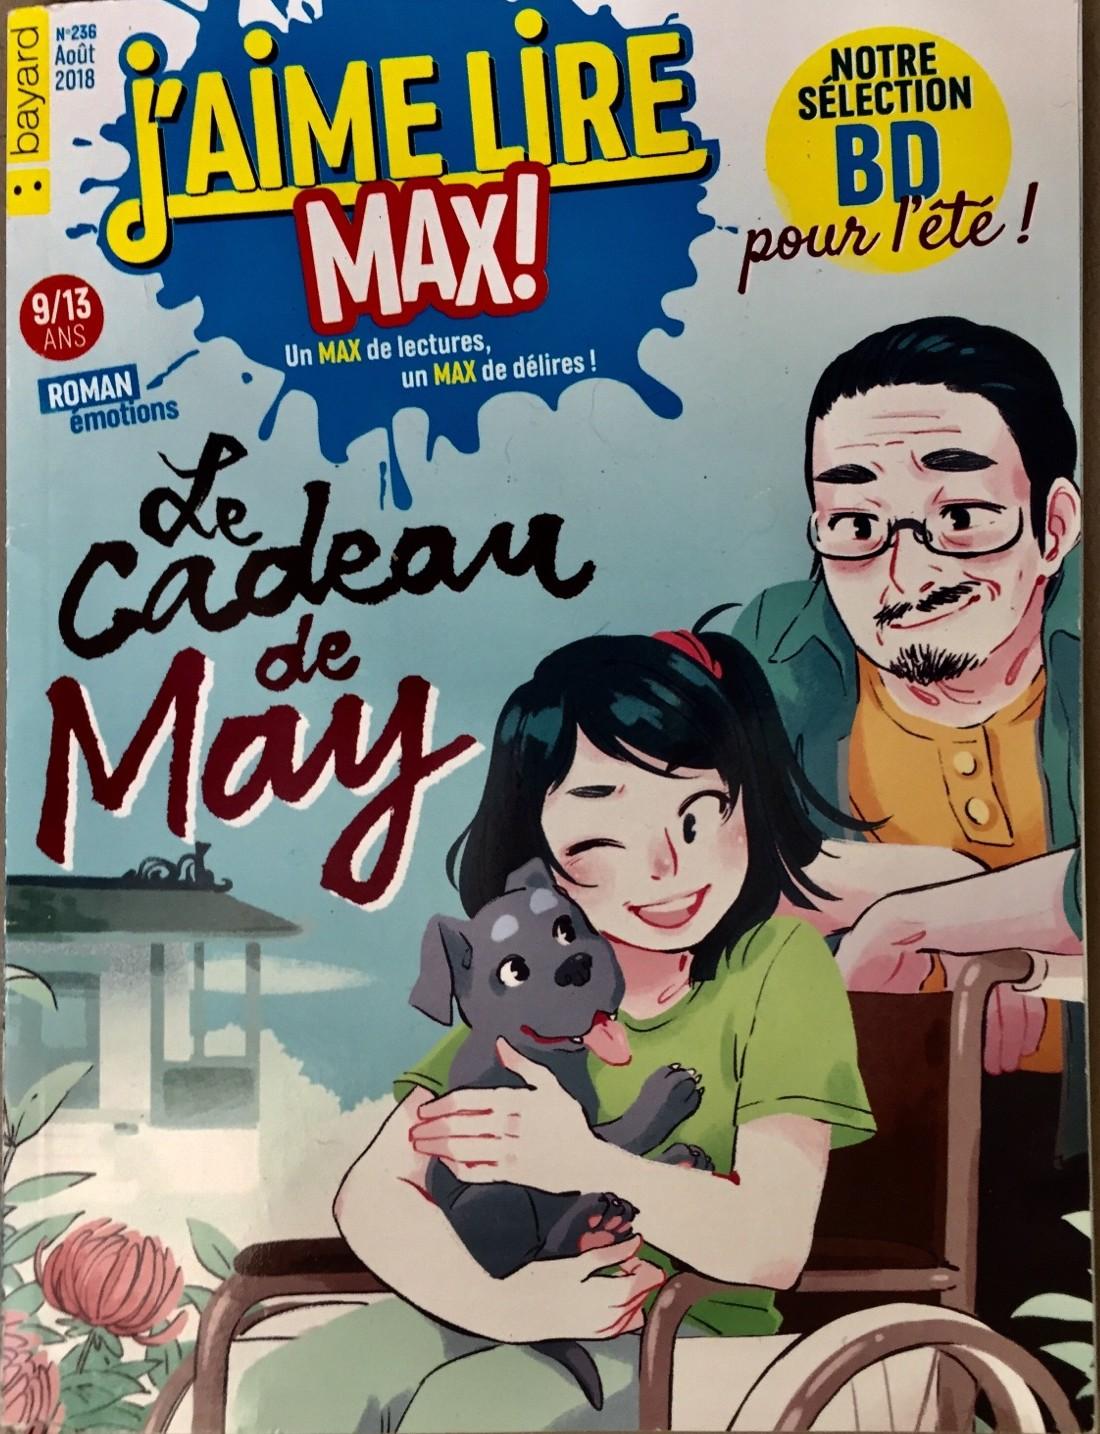 Le cadeau de May